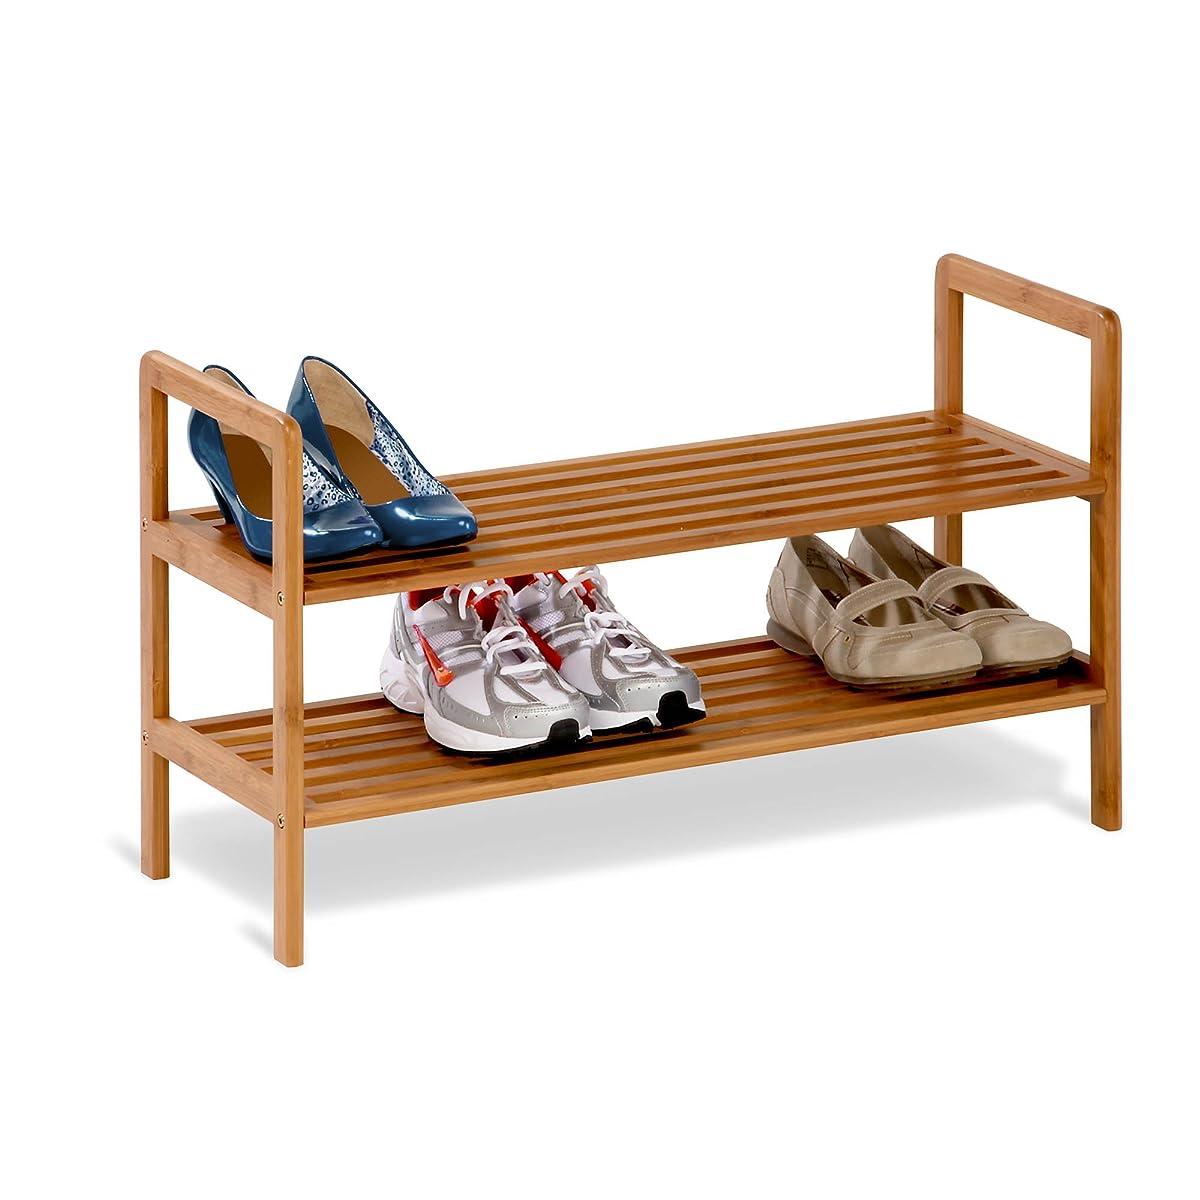 Honey-Can-Do SHO-01600 Bamboo 2-Tier Shoe Shelf